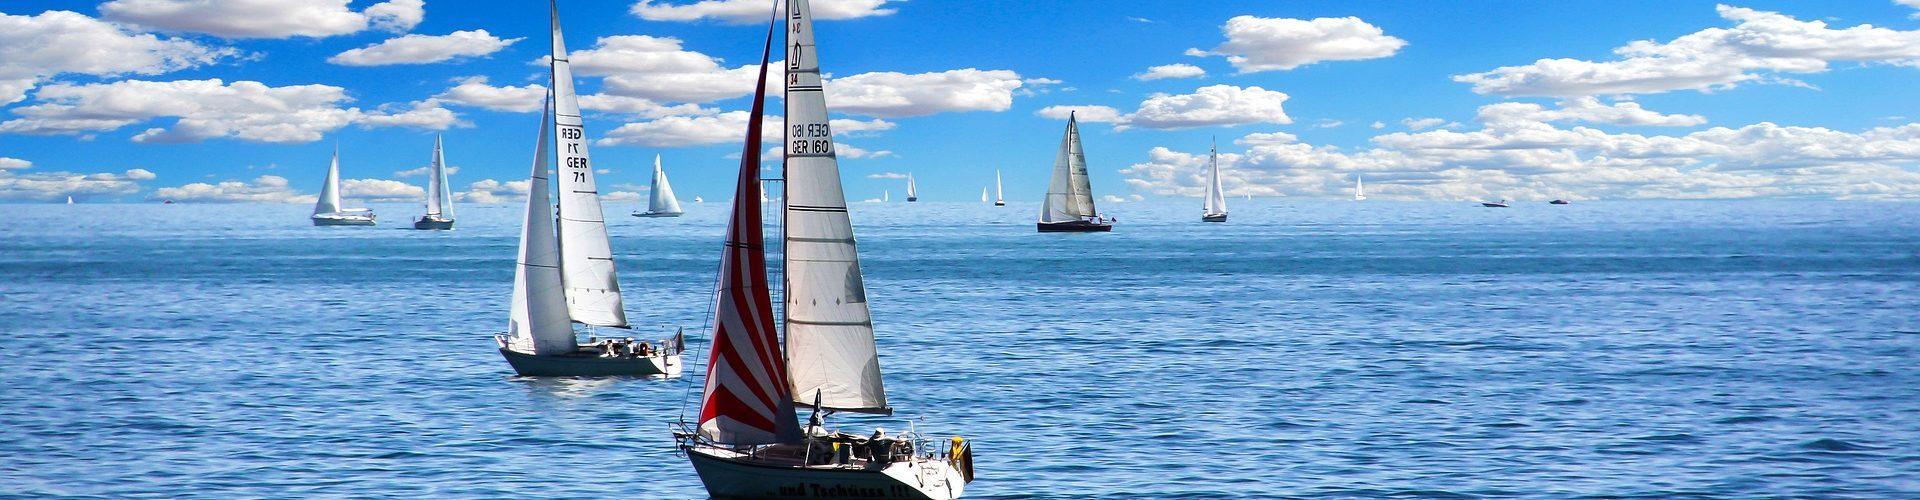 segeln lernen in Jessern segelschein machen in Jessern 1920x500 - Segeln lernen in Jessern